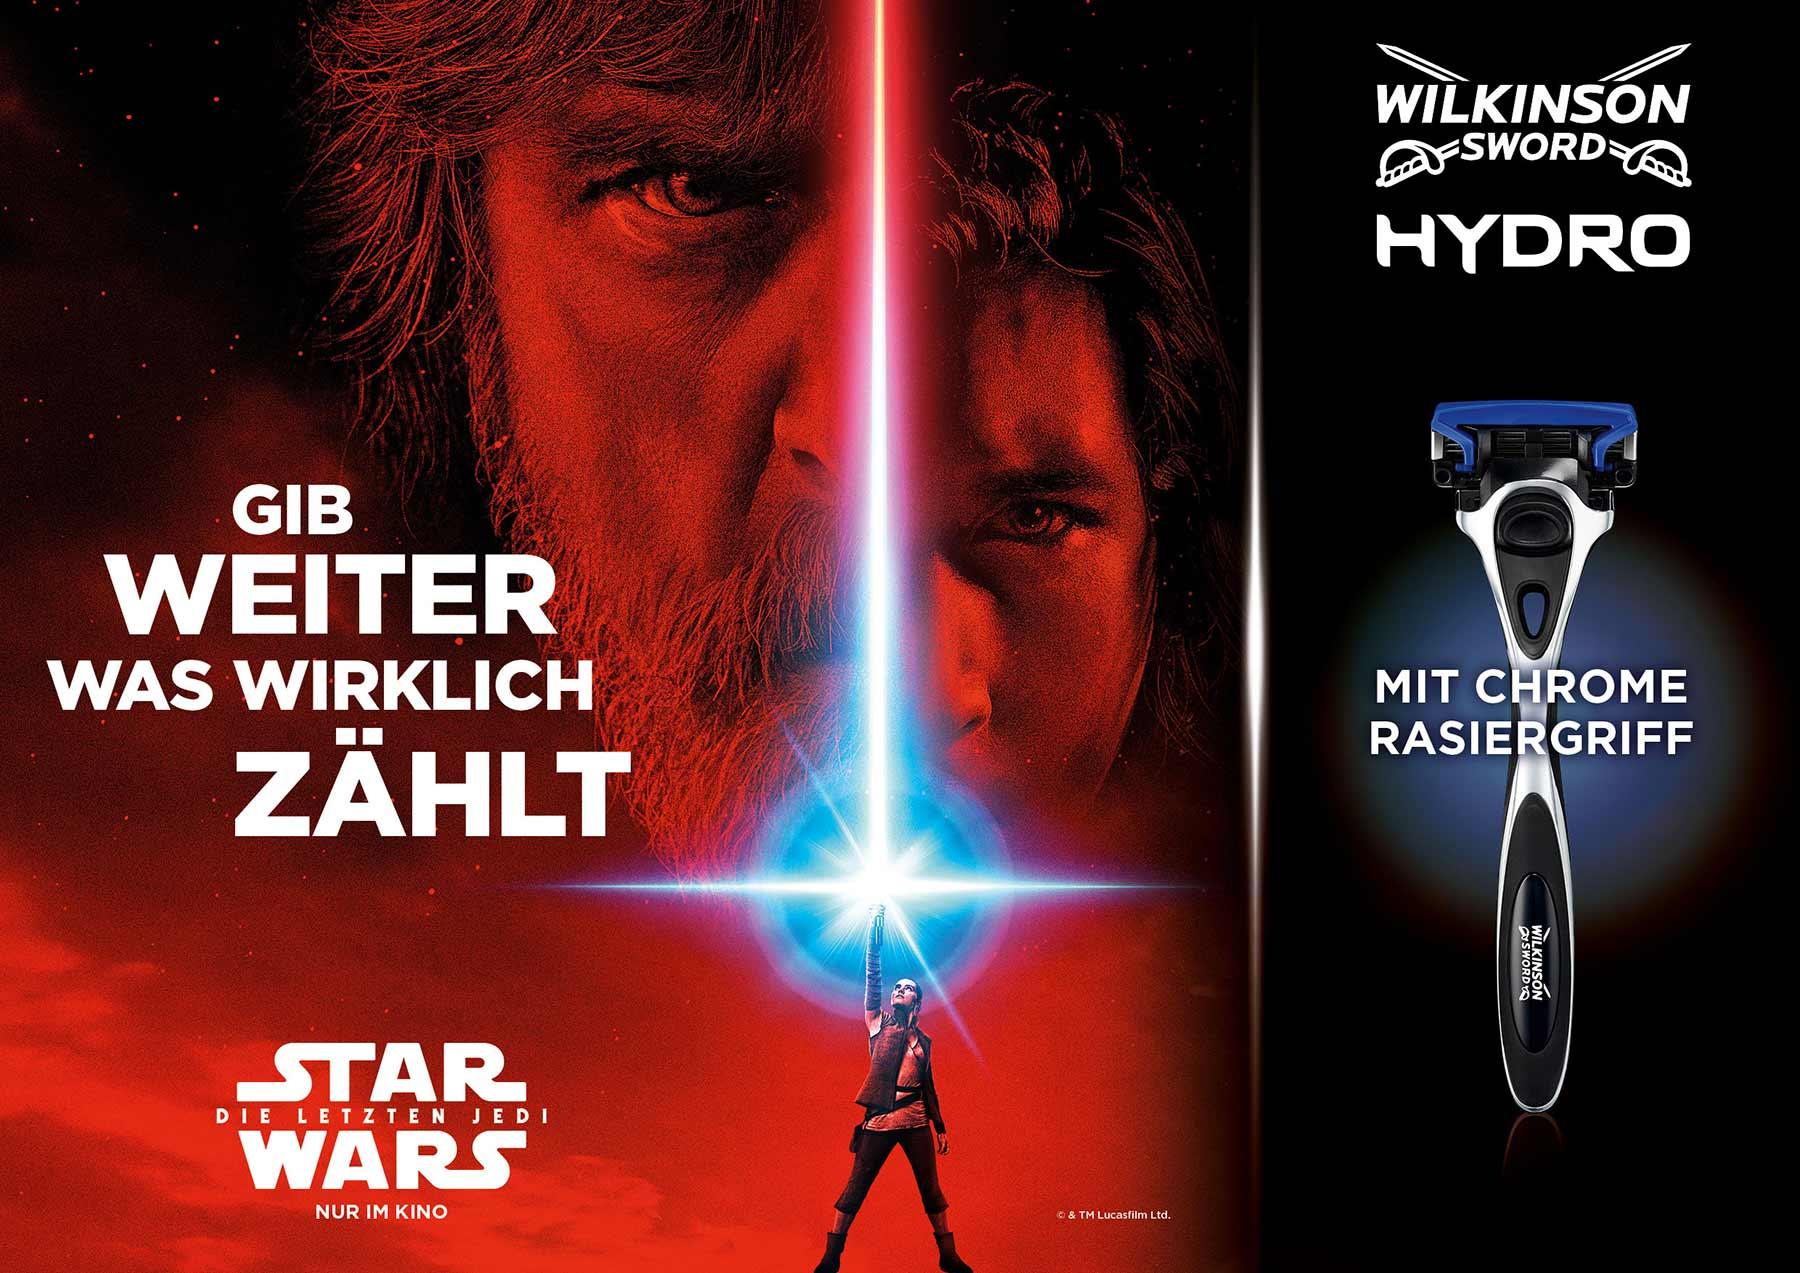 Gewinnt STAR WARS Special Edition-Rasierer von Wilkinson Sword Wilkinson-STAR-WARS-HYDRO-Special-Edition_01